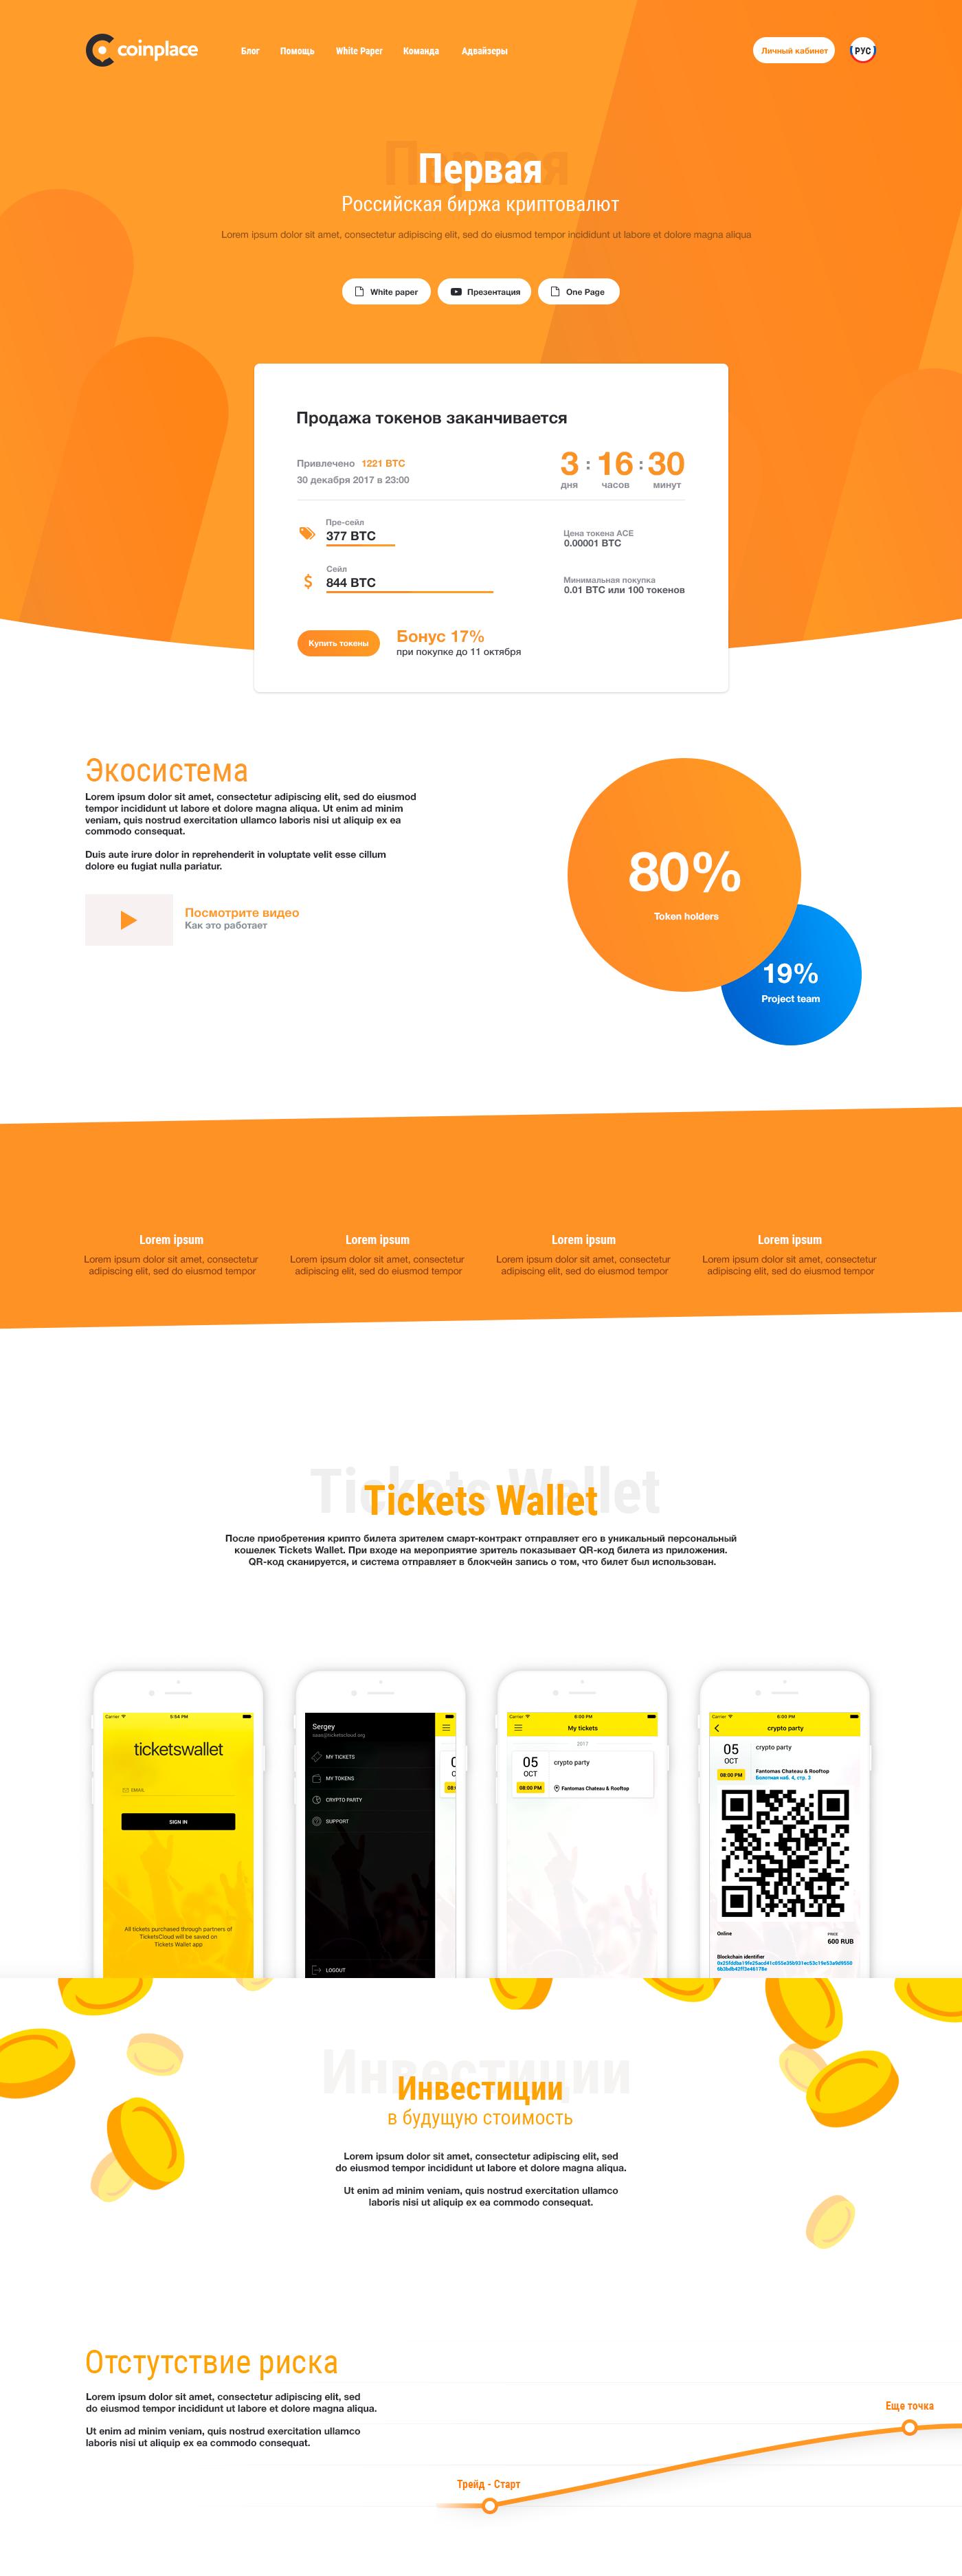 Дизайн сайта 4 экрана.(далее контракт на работы на 50 т.р.) фото f_98059dc86693f6f9.png